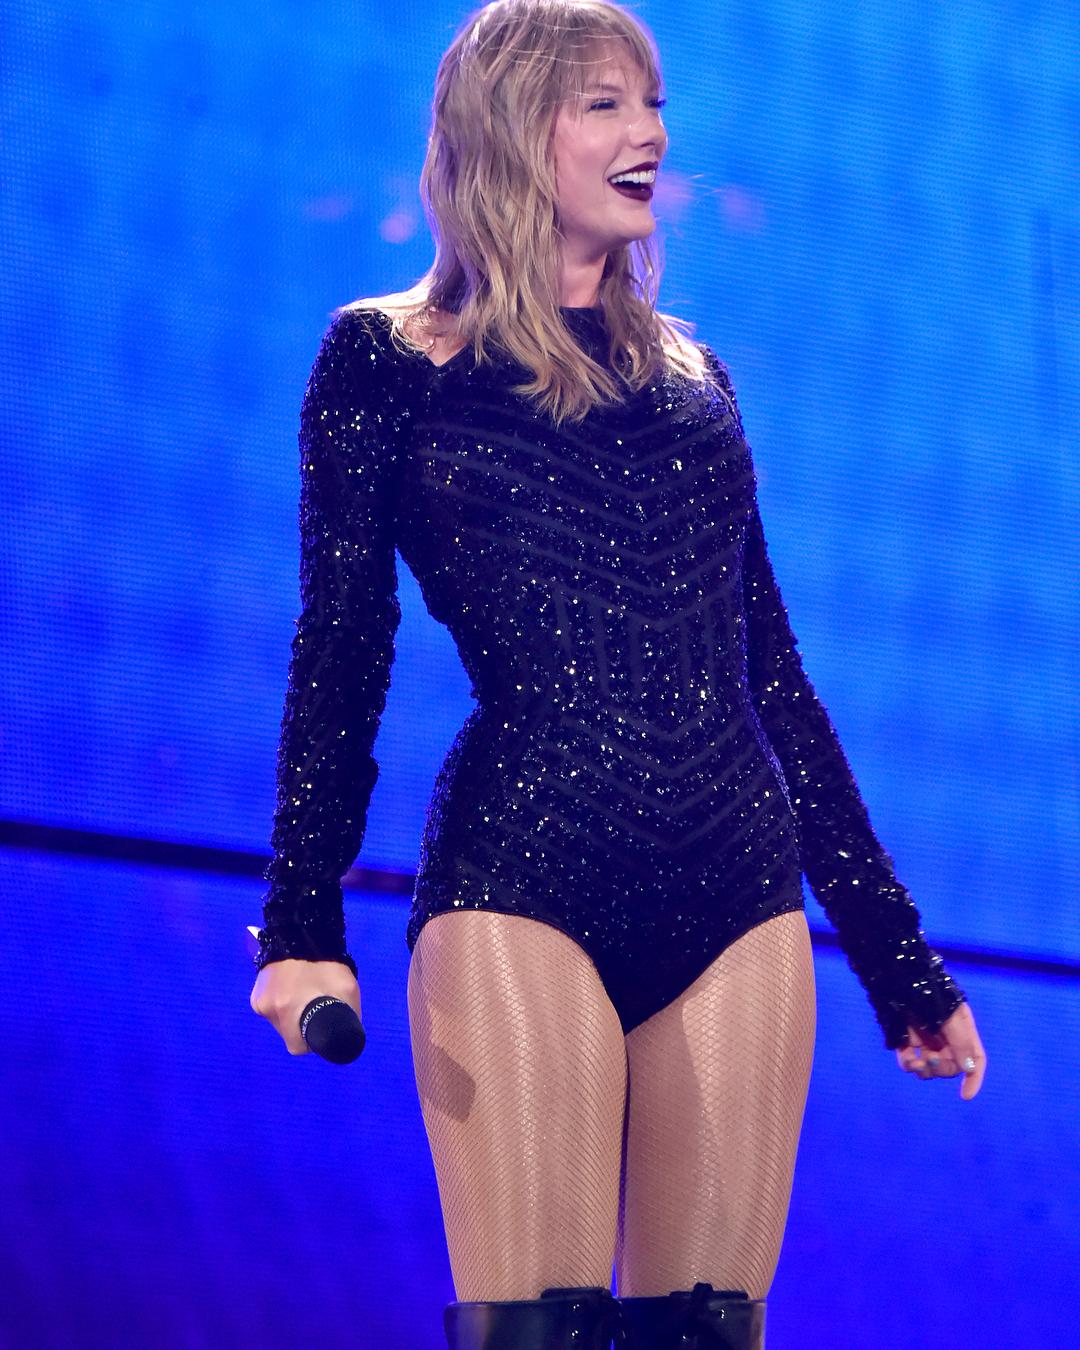 Dünyaca ünlü güzel şarkıcı Taylor Swift sexy siyah kıyafeti ile konserini izleyen hayranlarını büyülemeyi başardı. En güzel yabancı ünlü kadınların HD resimleri bu sitede.